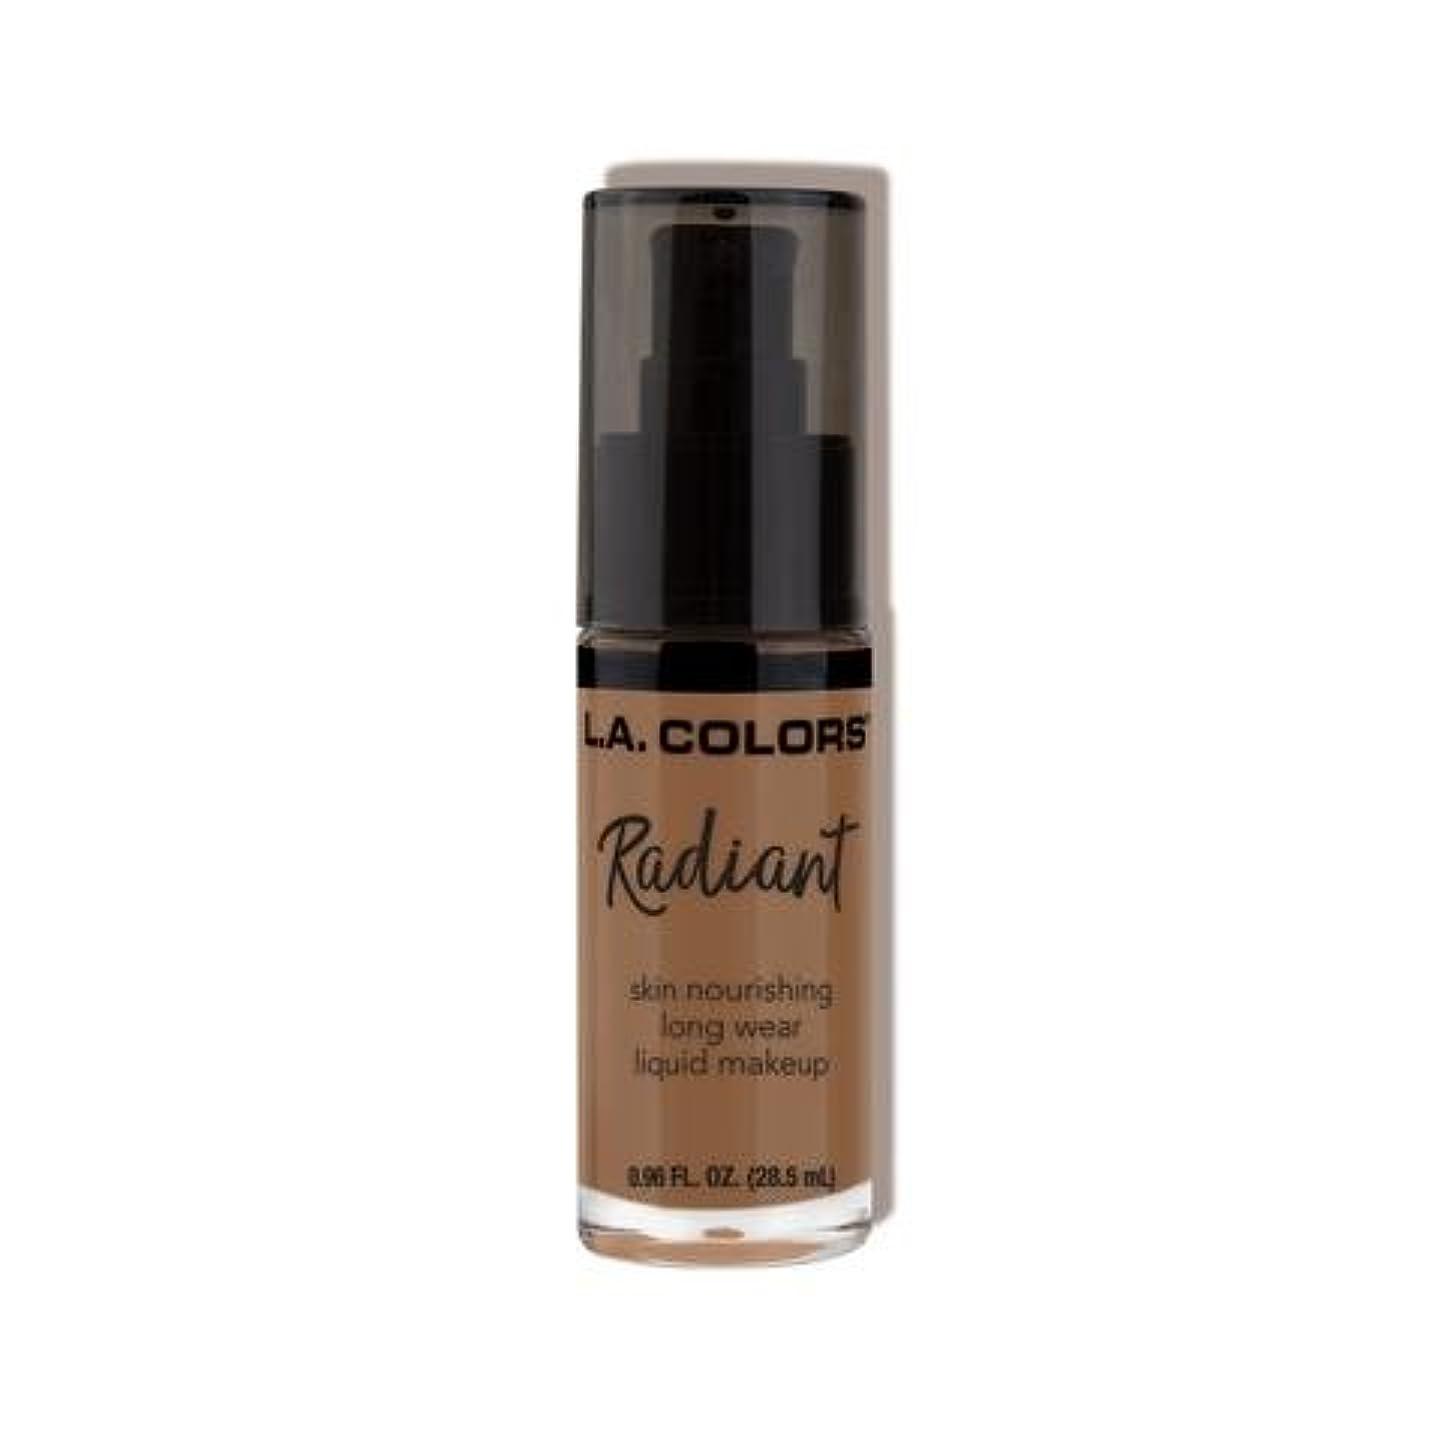 相反するエール帝国(3 Pack) L.A. COLORS Radiant Liquid Makeup - Mocha (並行輸入品)